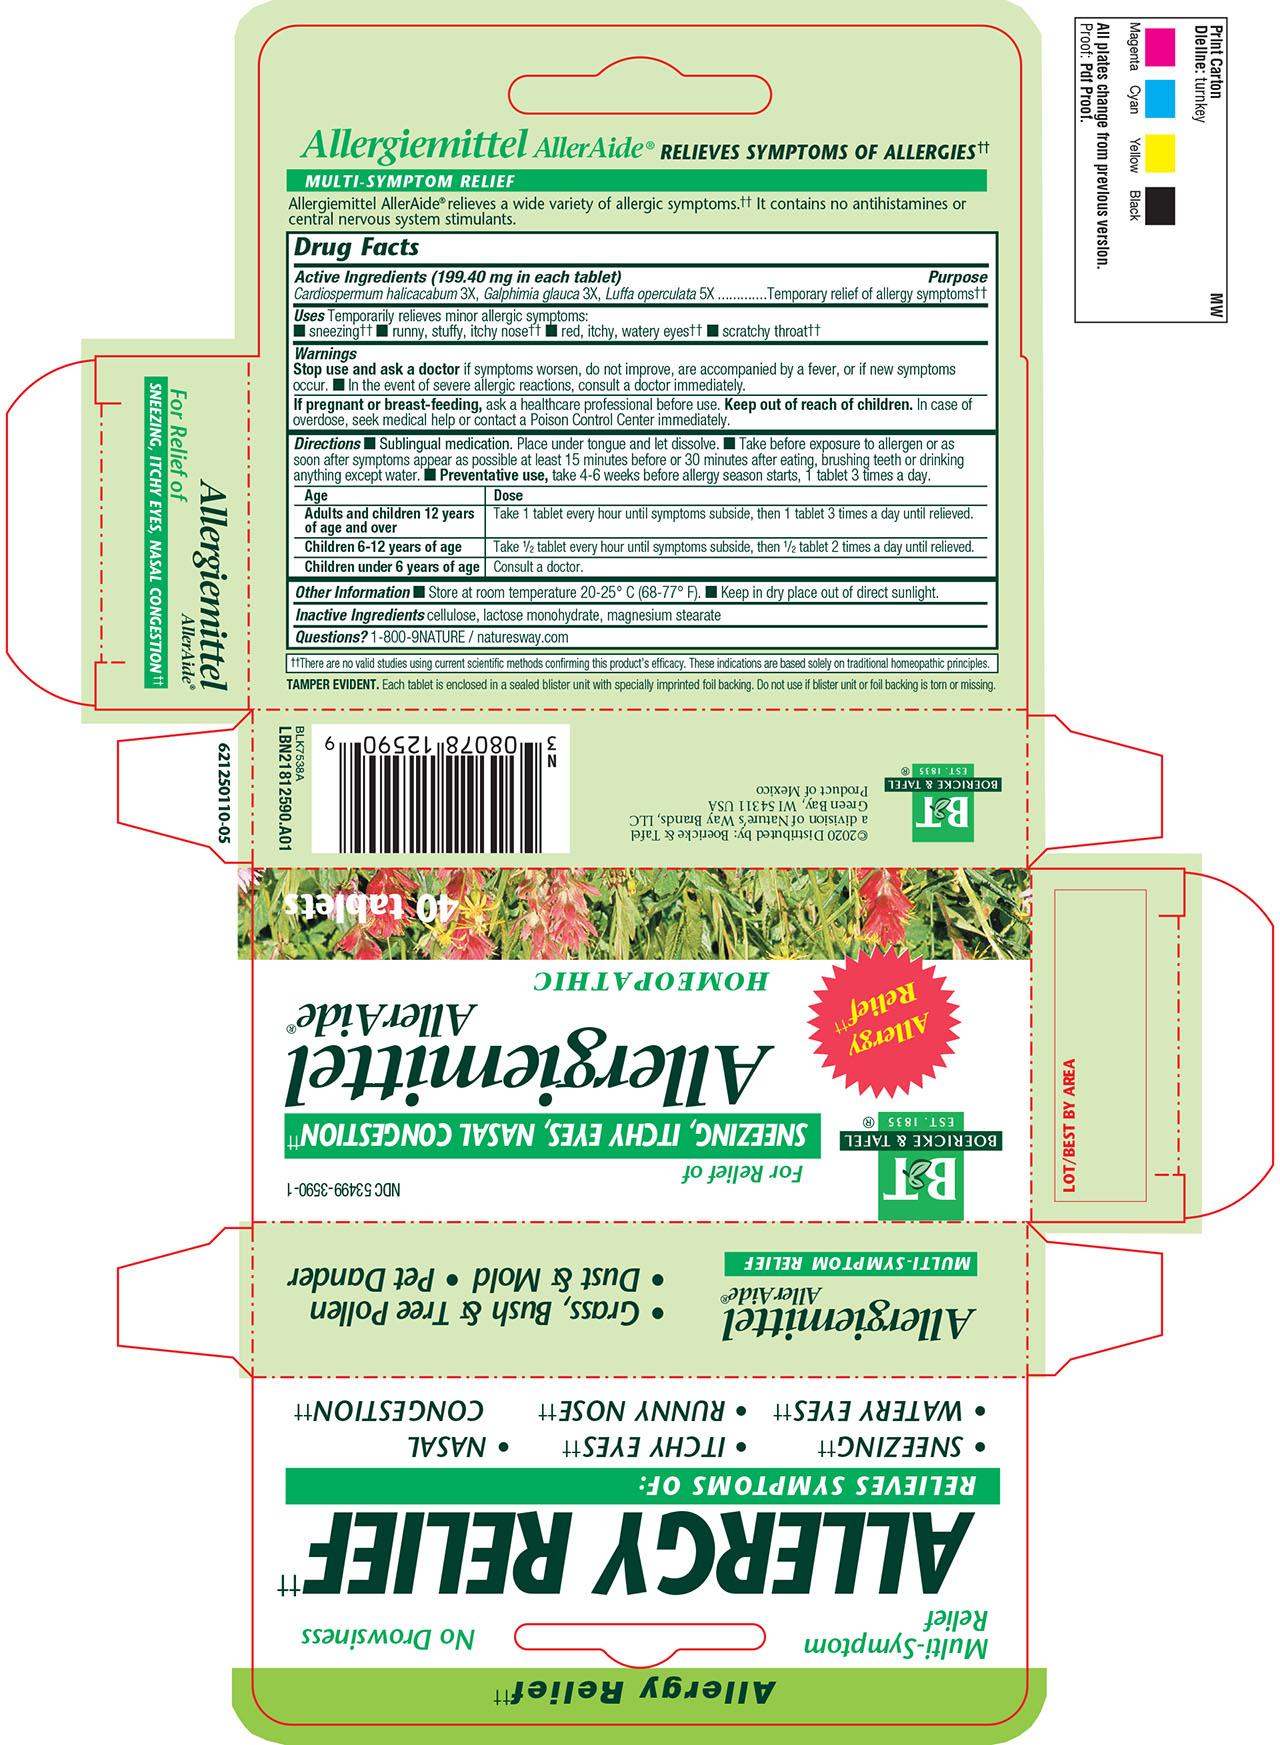 21812590_A01 Allergiemittel.jpg